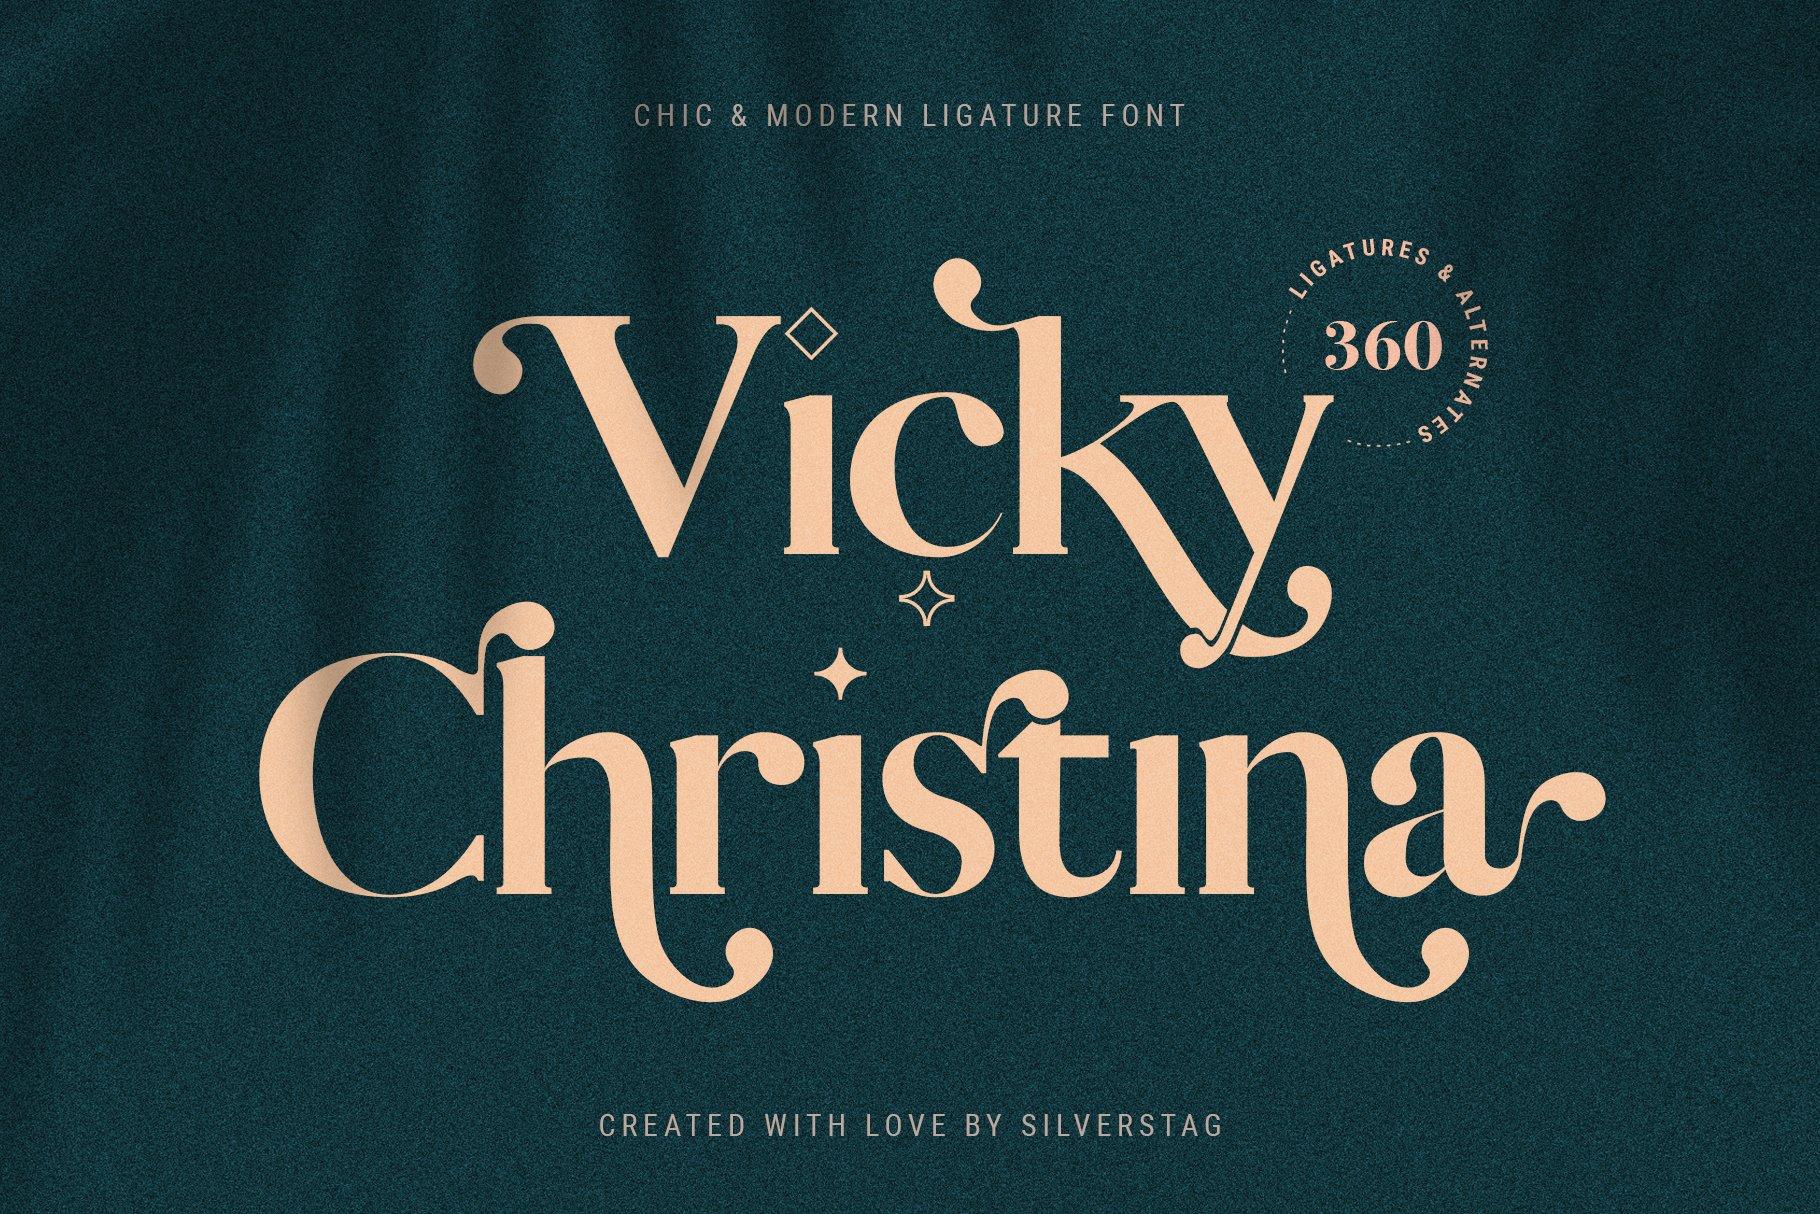 Vicky Christina - Chic & Stylish Ligature Serif Font example image 1